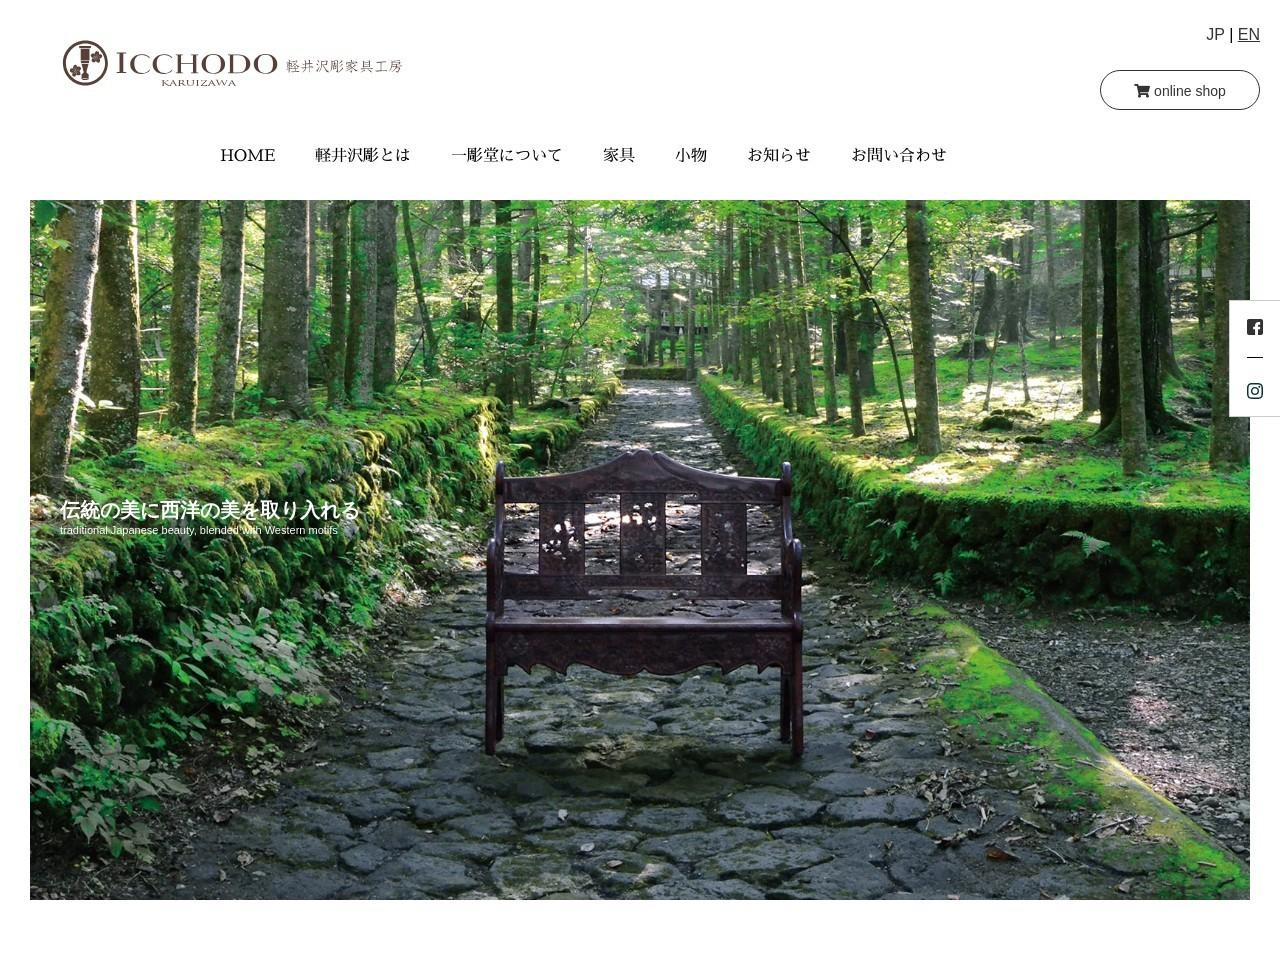 軽井沢彫 一彫堂 | 長野県軽井沢町(旧軽井沢銀座) | 家具・インテリア小物